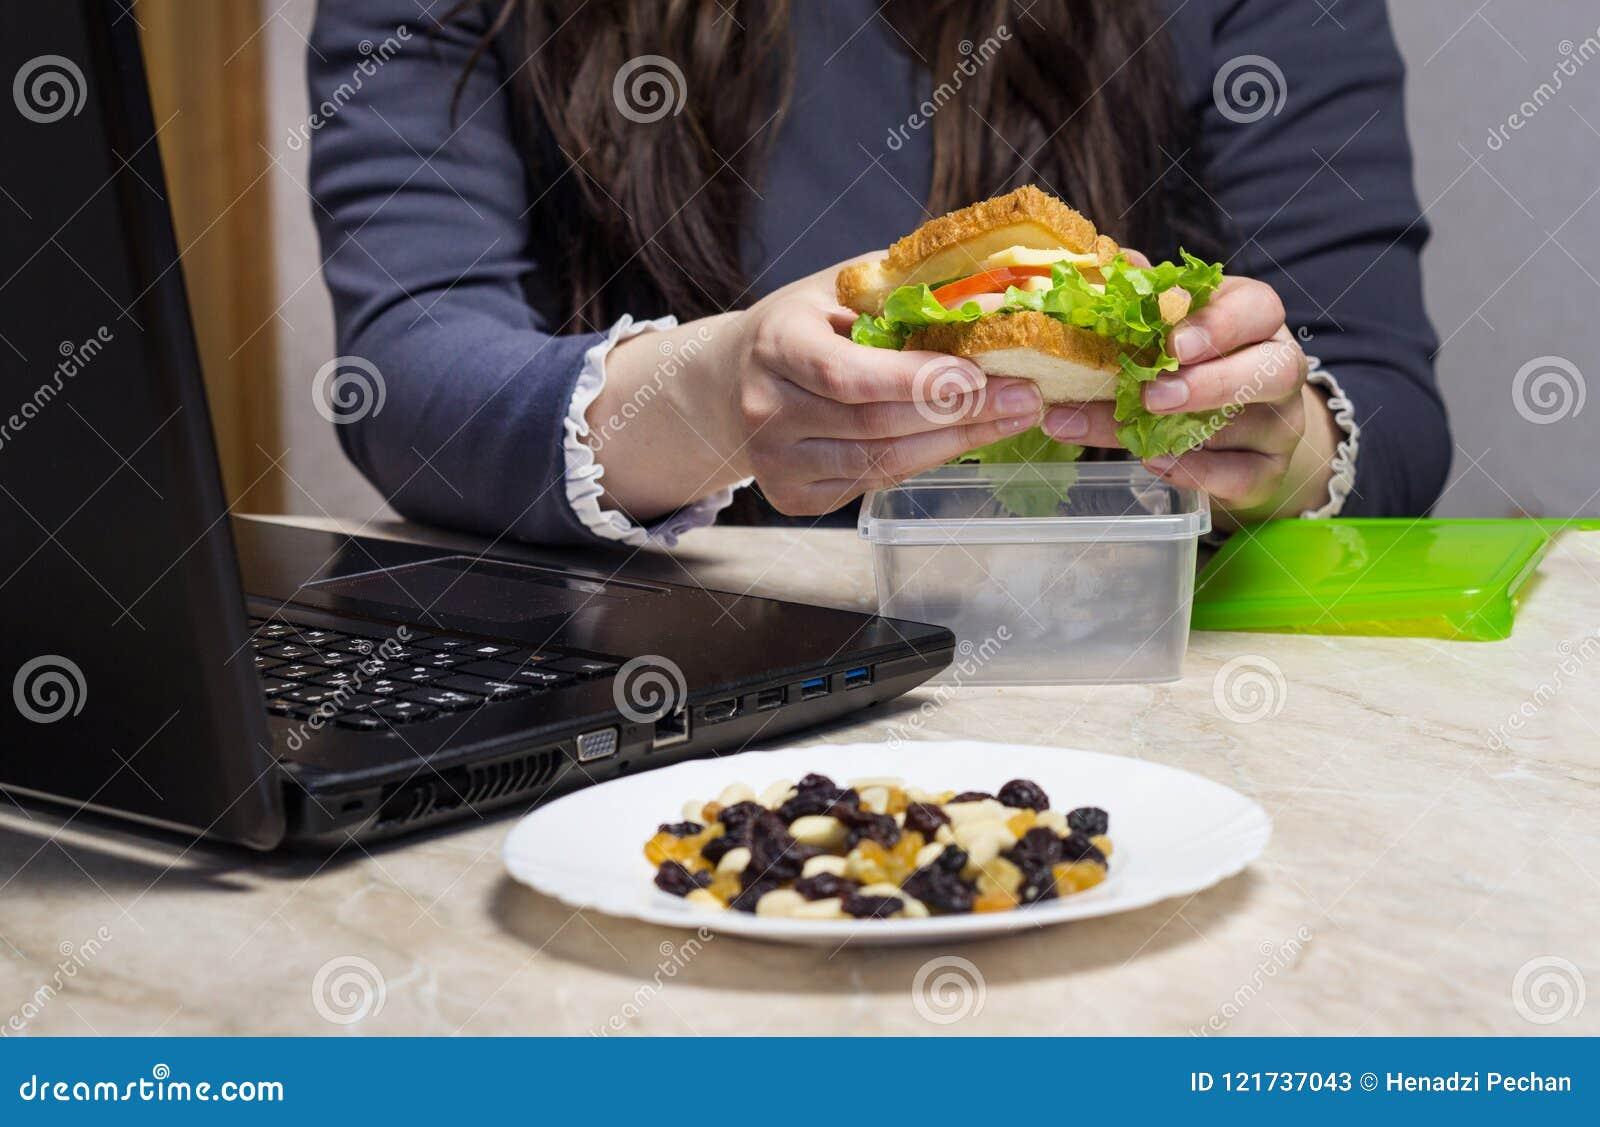 Mädchen, das ein Sandwich hält und oben an einem Laptop, Abschluss, Kalorien arbeitet